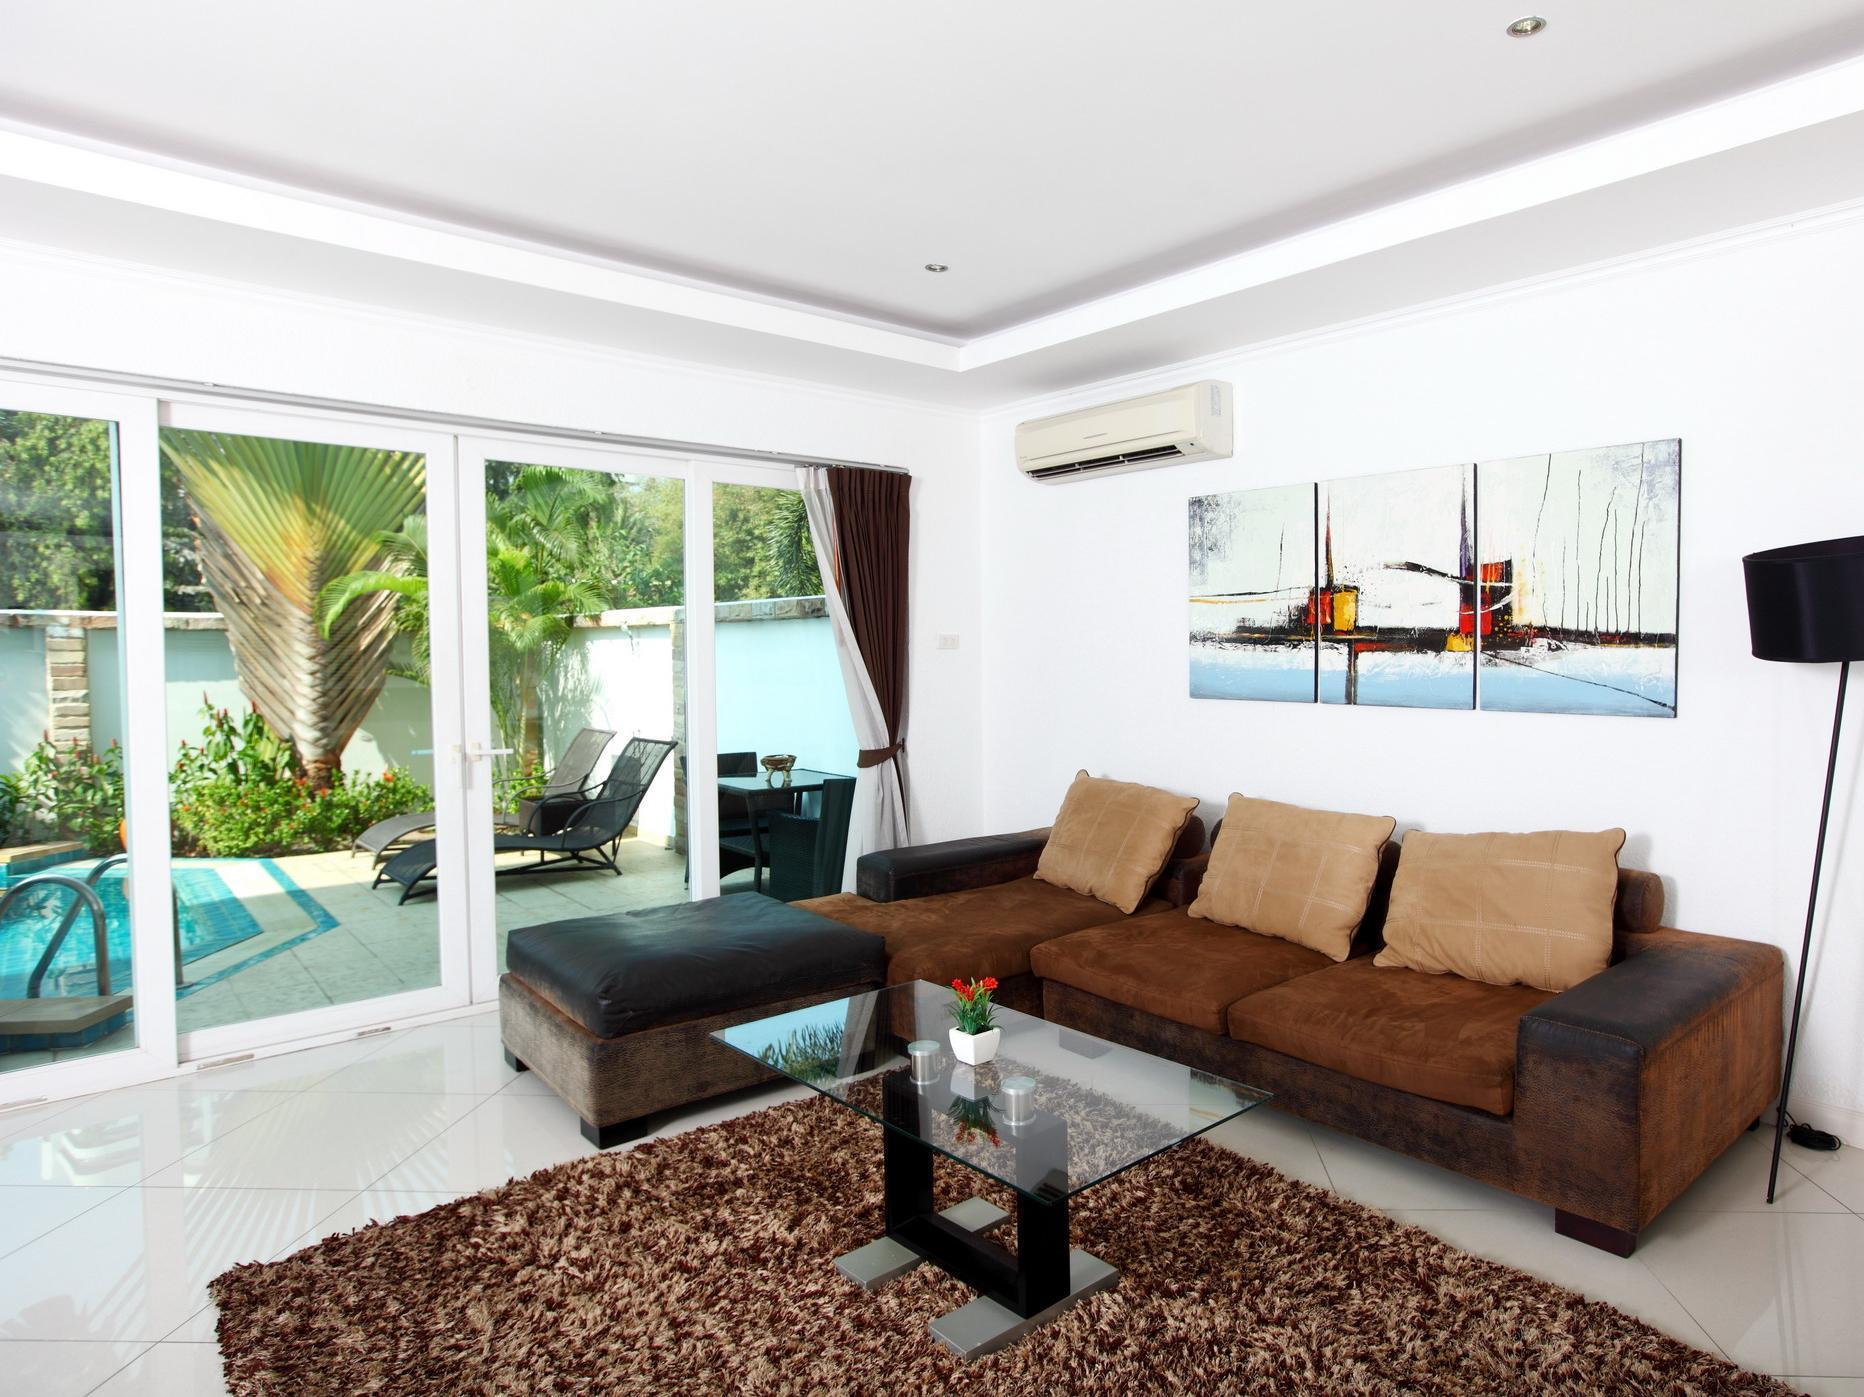 Tabaluga Pool Villa Hotel, Pattaya